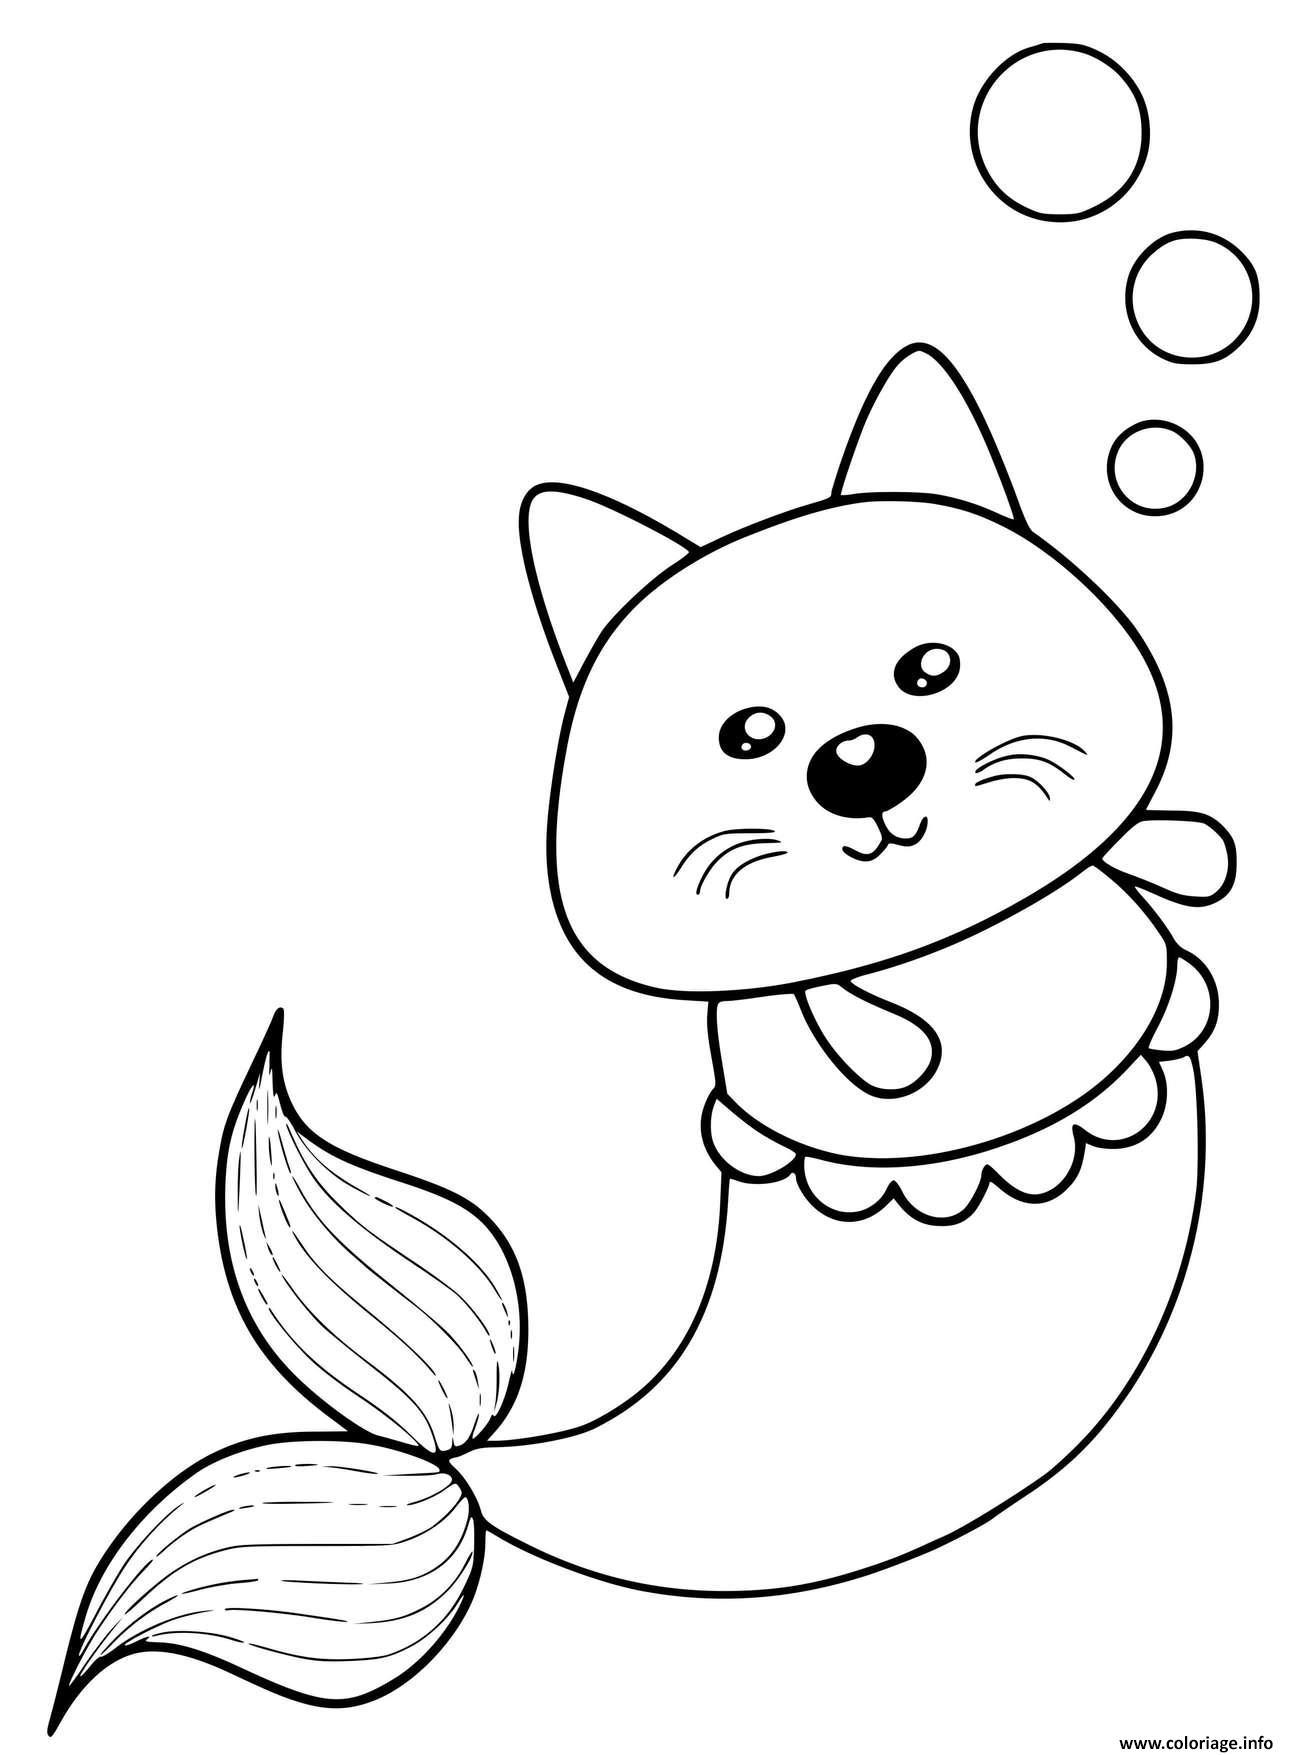 Dessin kitty sirene chat mignon Coloriage Gratuit à Imprimer